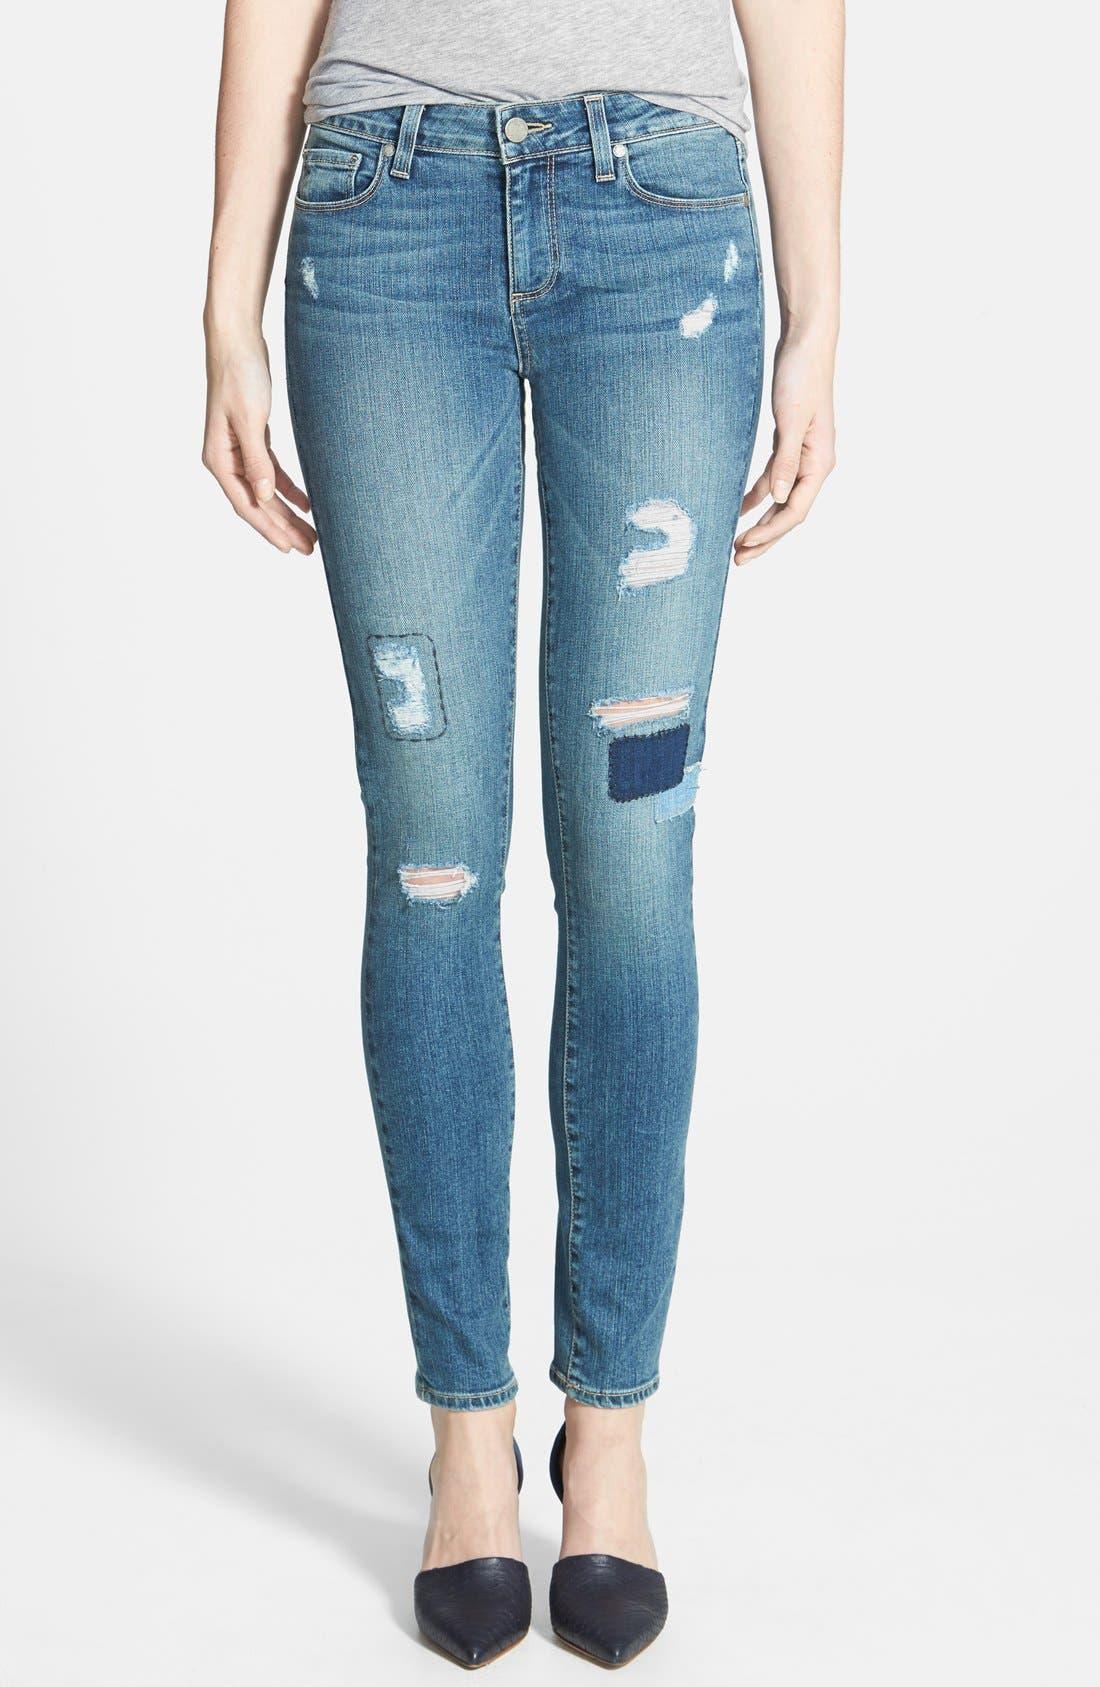 Alternate Image 1 Selected - Paige Denim 'Verdugo' Ultra Skinny Jeans (Dazeley Destructed)